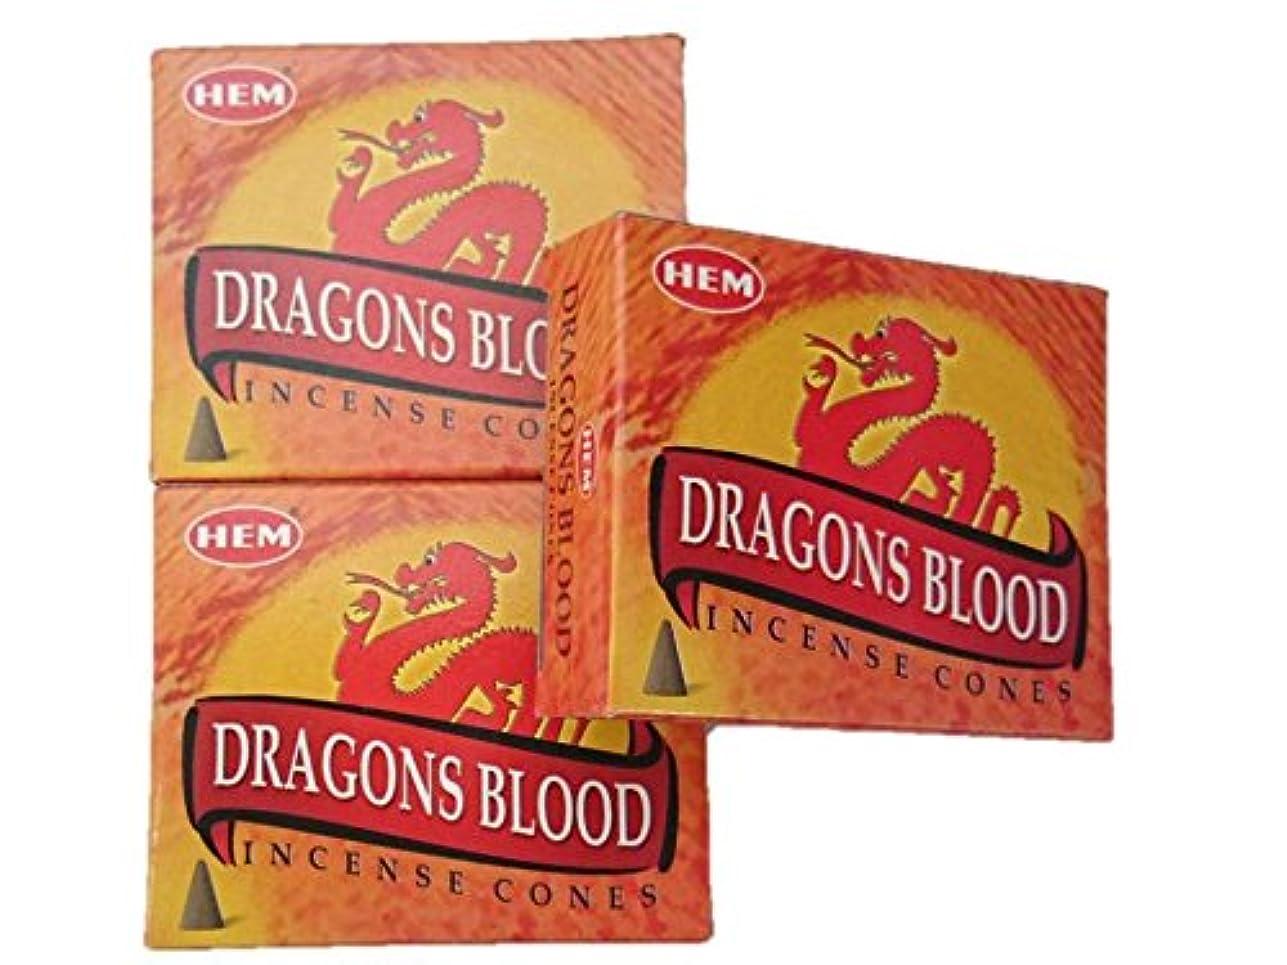 リビングルーム呼び起こす老朽化したHEM(ヘム)お香 ドラゴンズ ブラッド コーン 3個セット